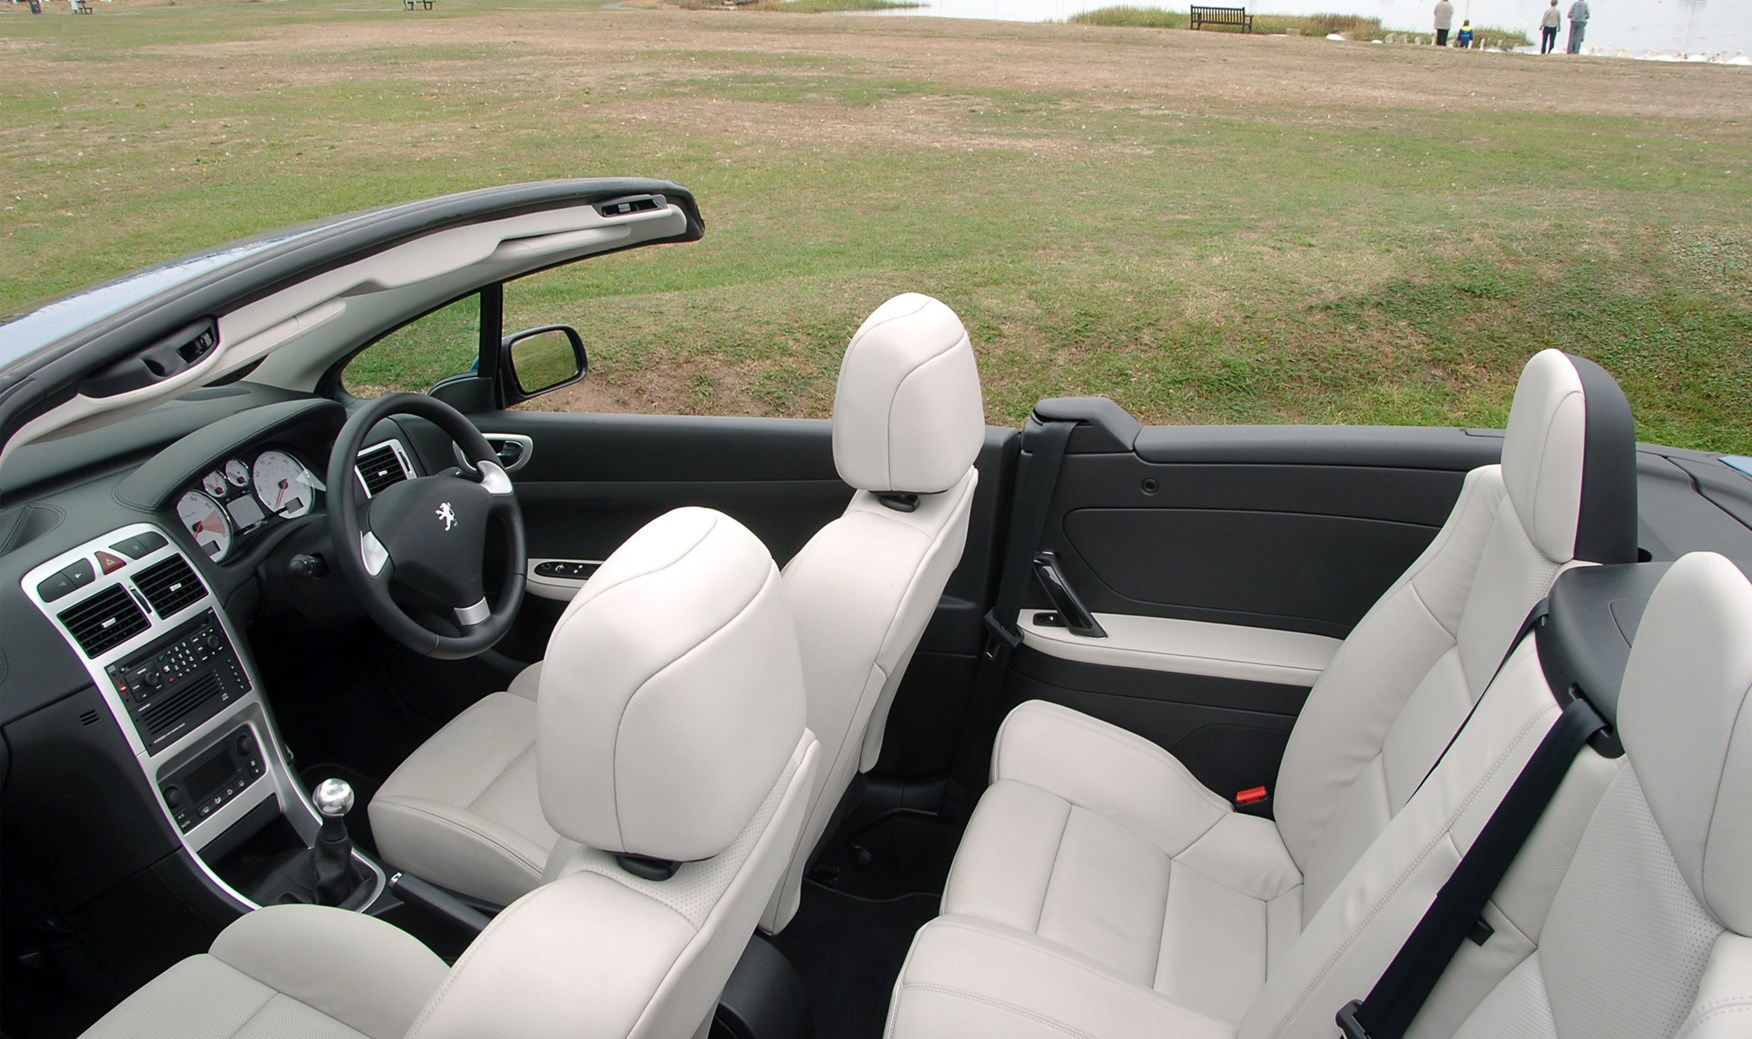 peugeot 307 coupé cabriolet review (2003 - 2008) | parkers